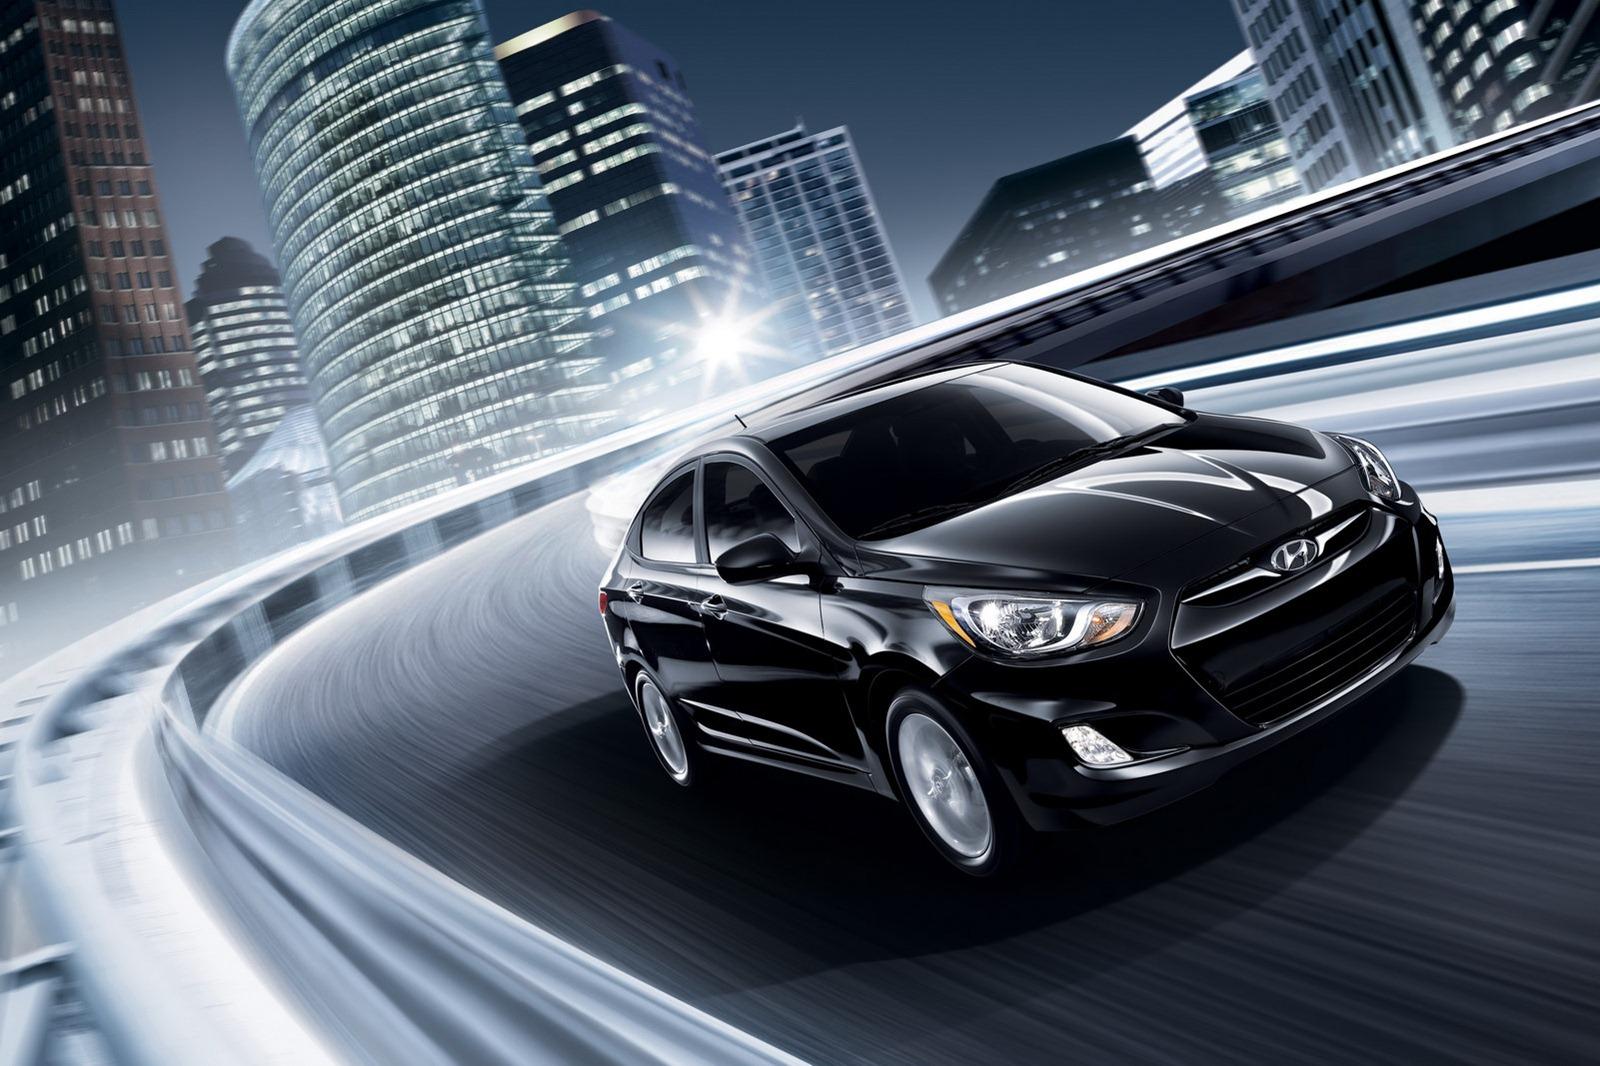 virgo, Hyundai Accent, Daewoo, Chevrolet, Kia Rio, Suzuki SX4, Mitsubishi Pajero , Land Rover